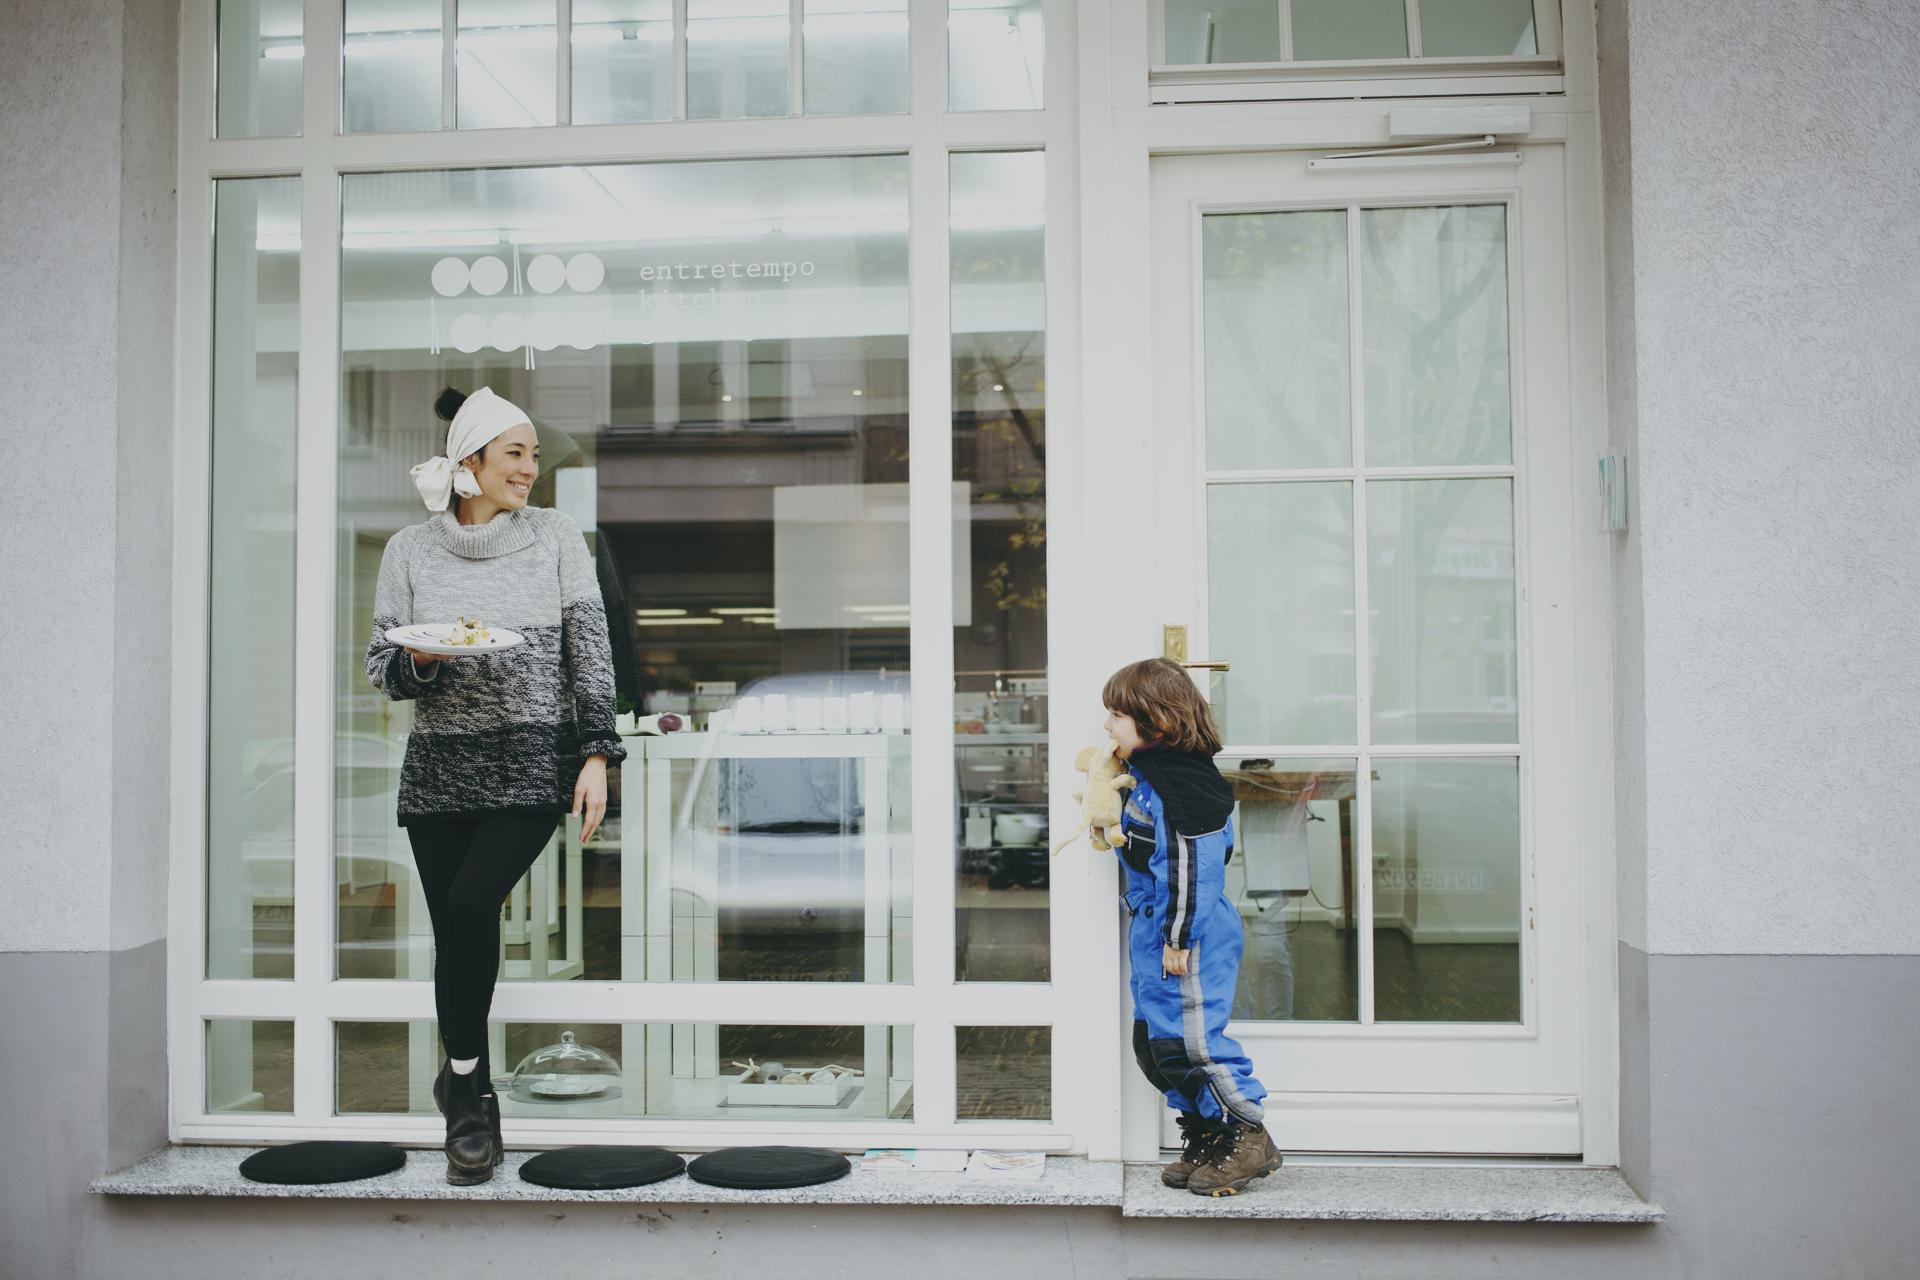 Entretempo-Kitchen-Gallery-Tainá-Guedes-Berlin-children